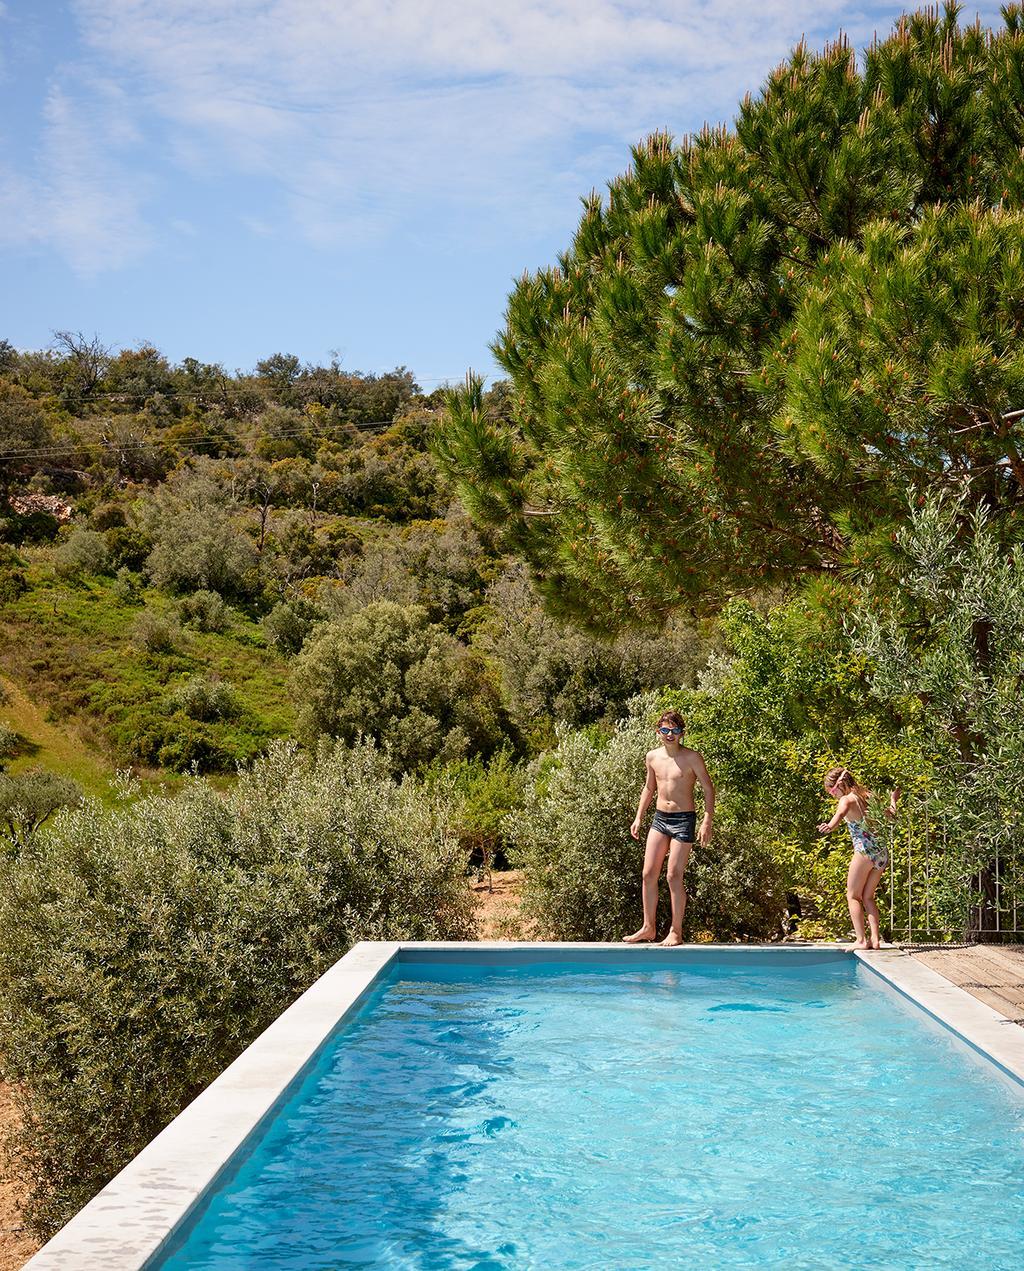 vtwonen tuin special 2 2020 | zwembad bij zomerhuis Buitenkijken Corotelo